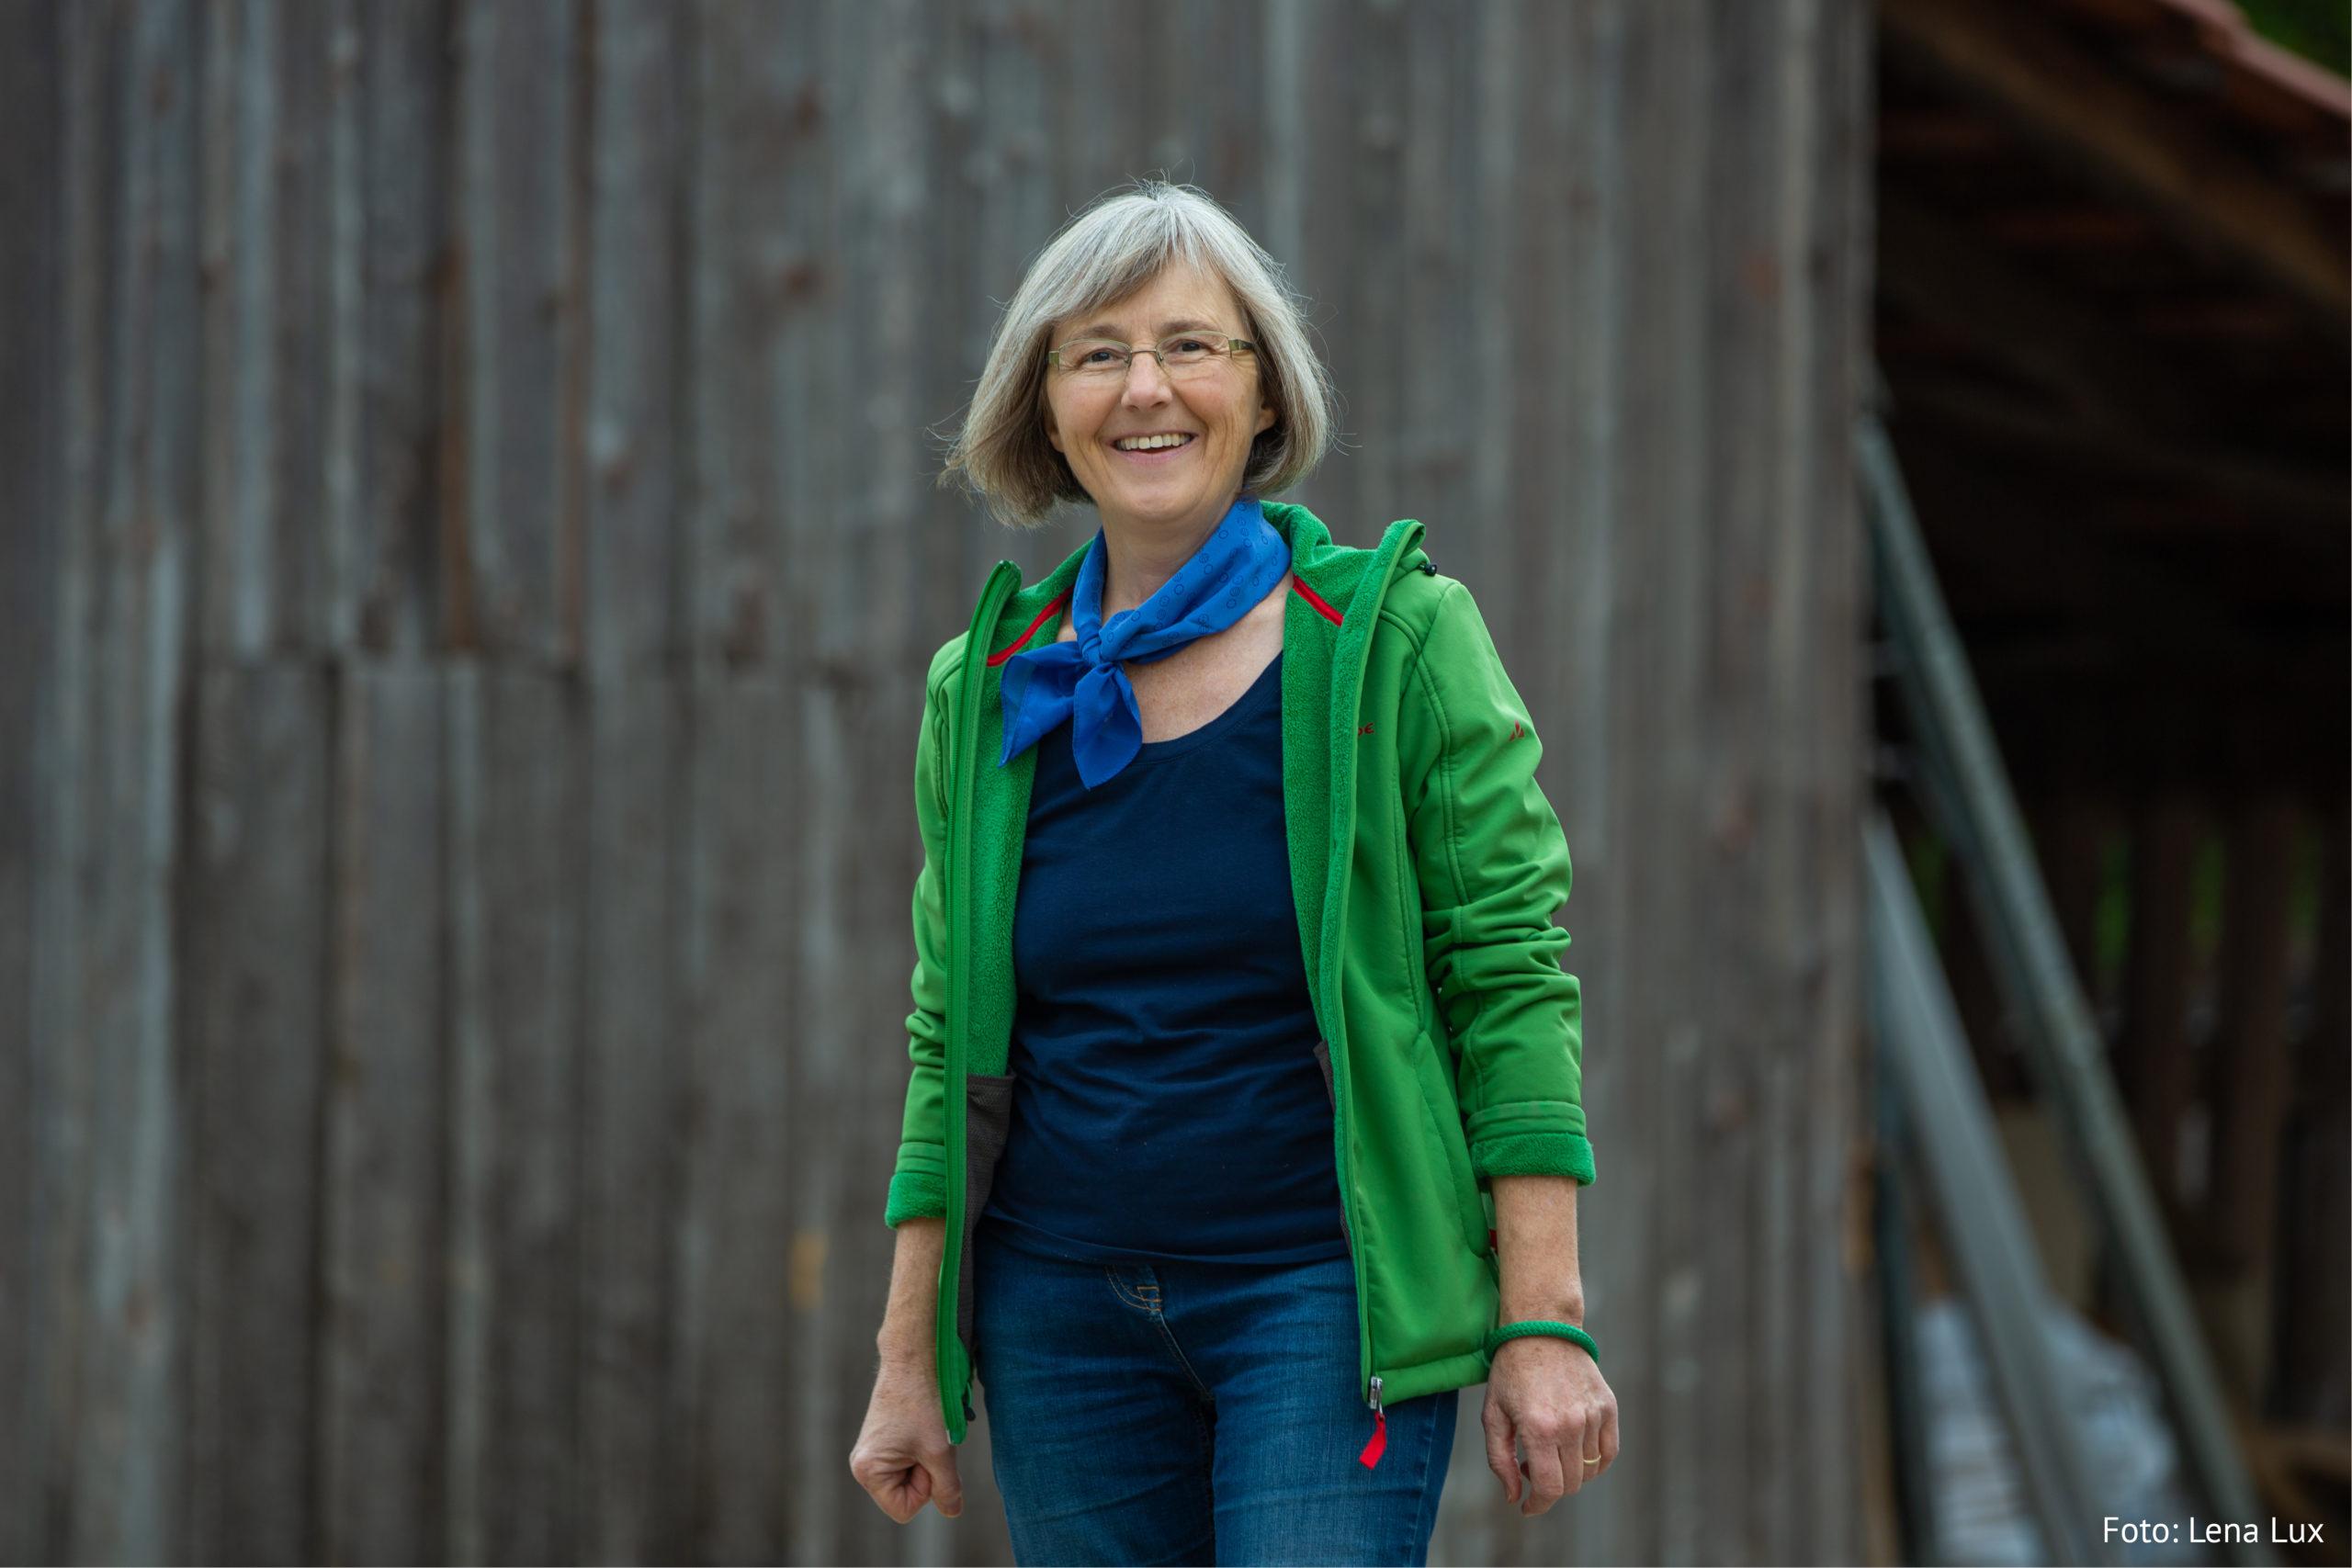 Portrait Stefanie Seemann auf dem Bauernhof: Grüne Jacke, hochgekrempelte Ärmel, Foto: Lena Lux